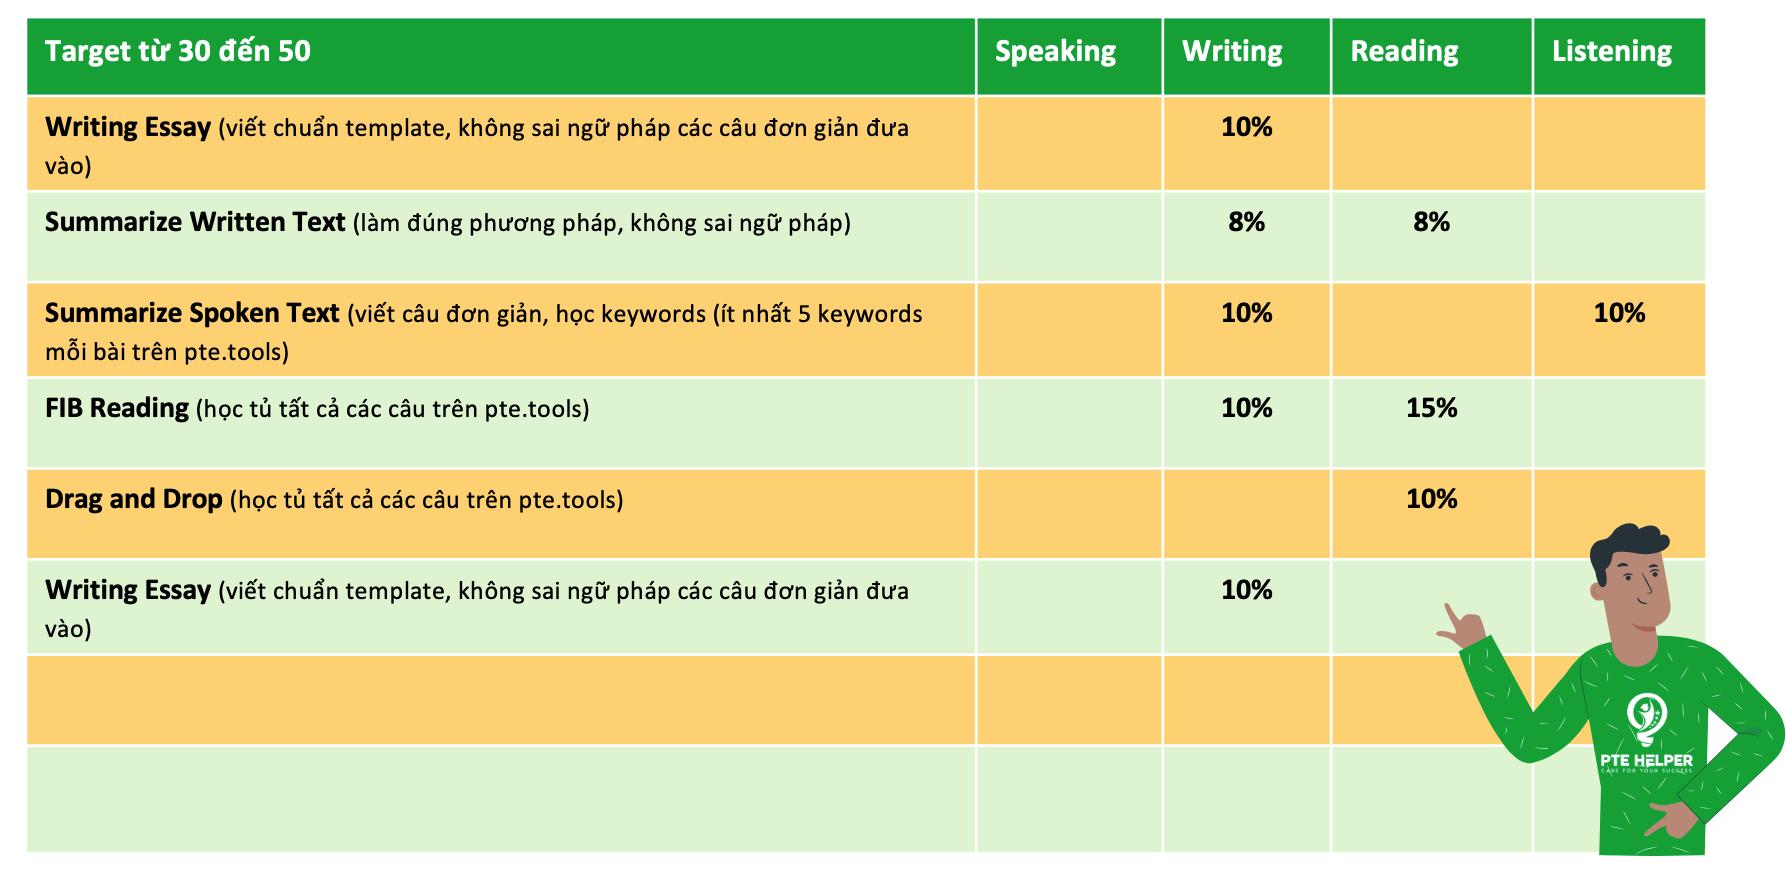 Target PTE 30 - 50 cần ưu tiên các phần thi trên khi tự học PTE